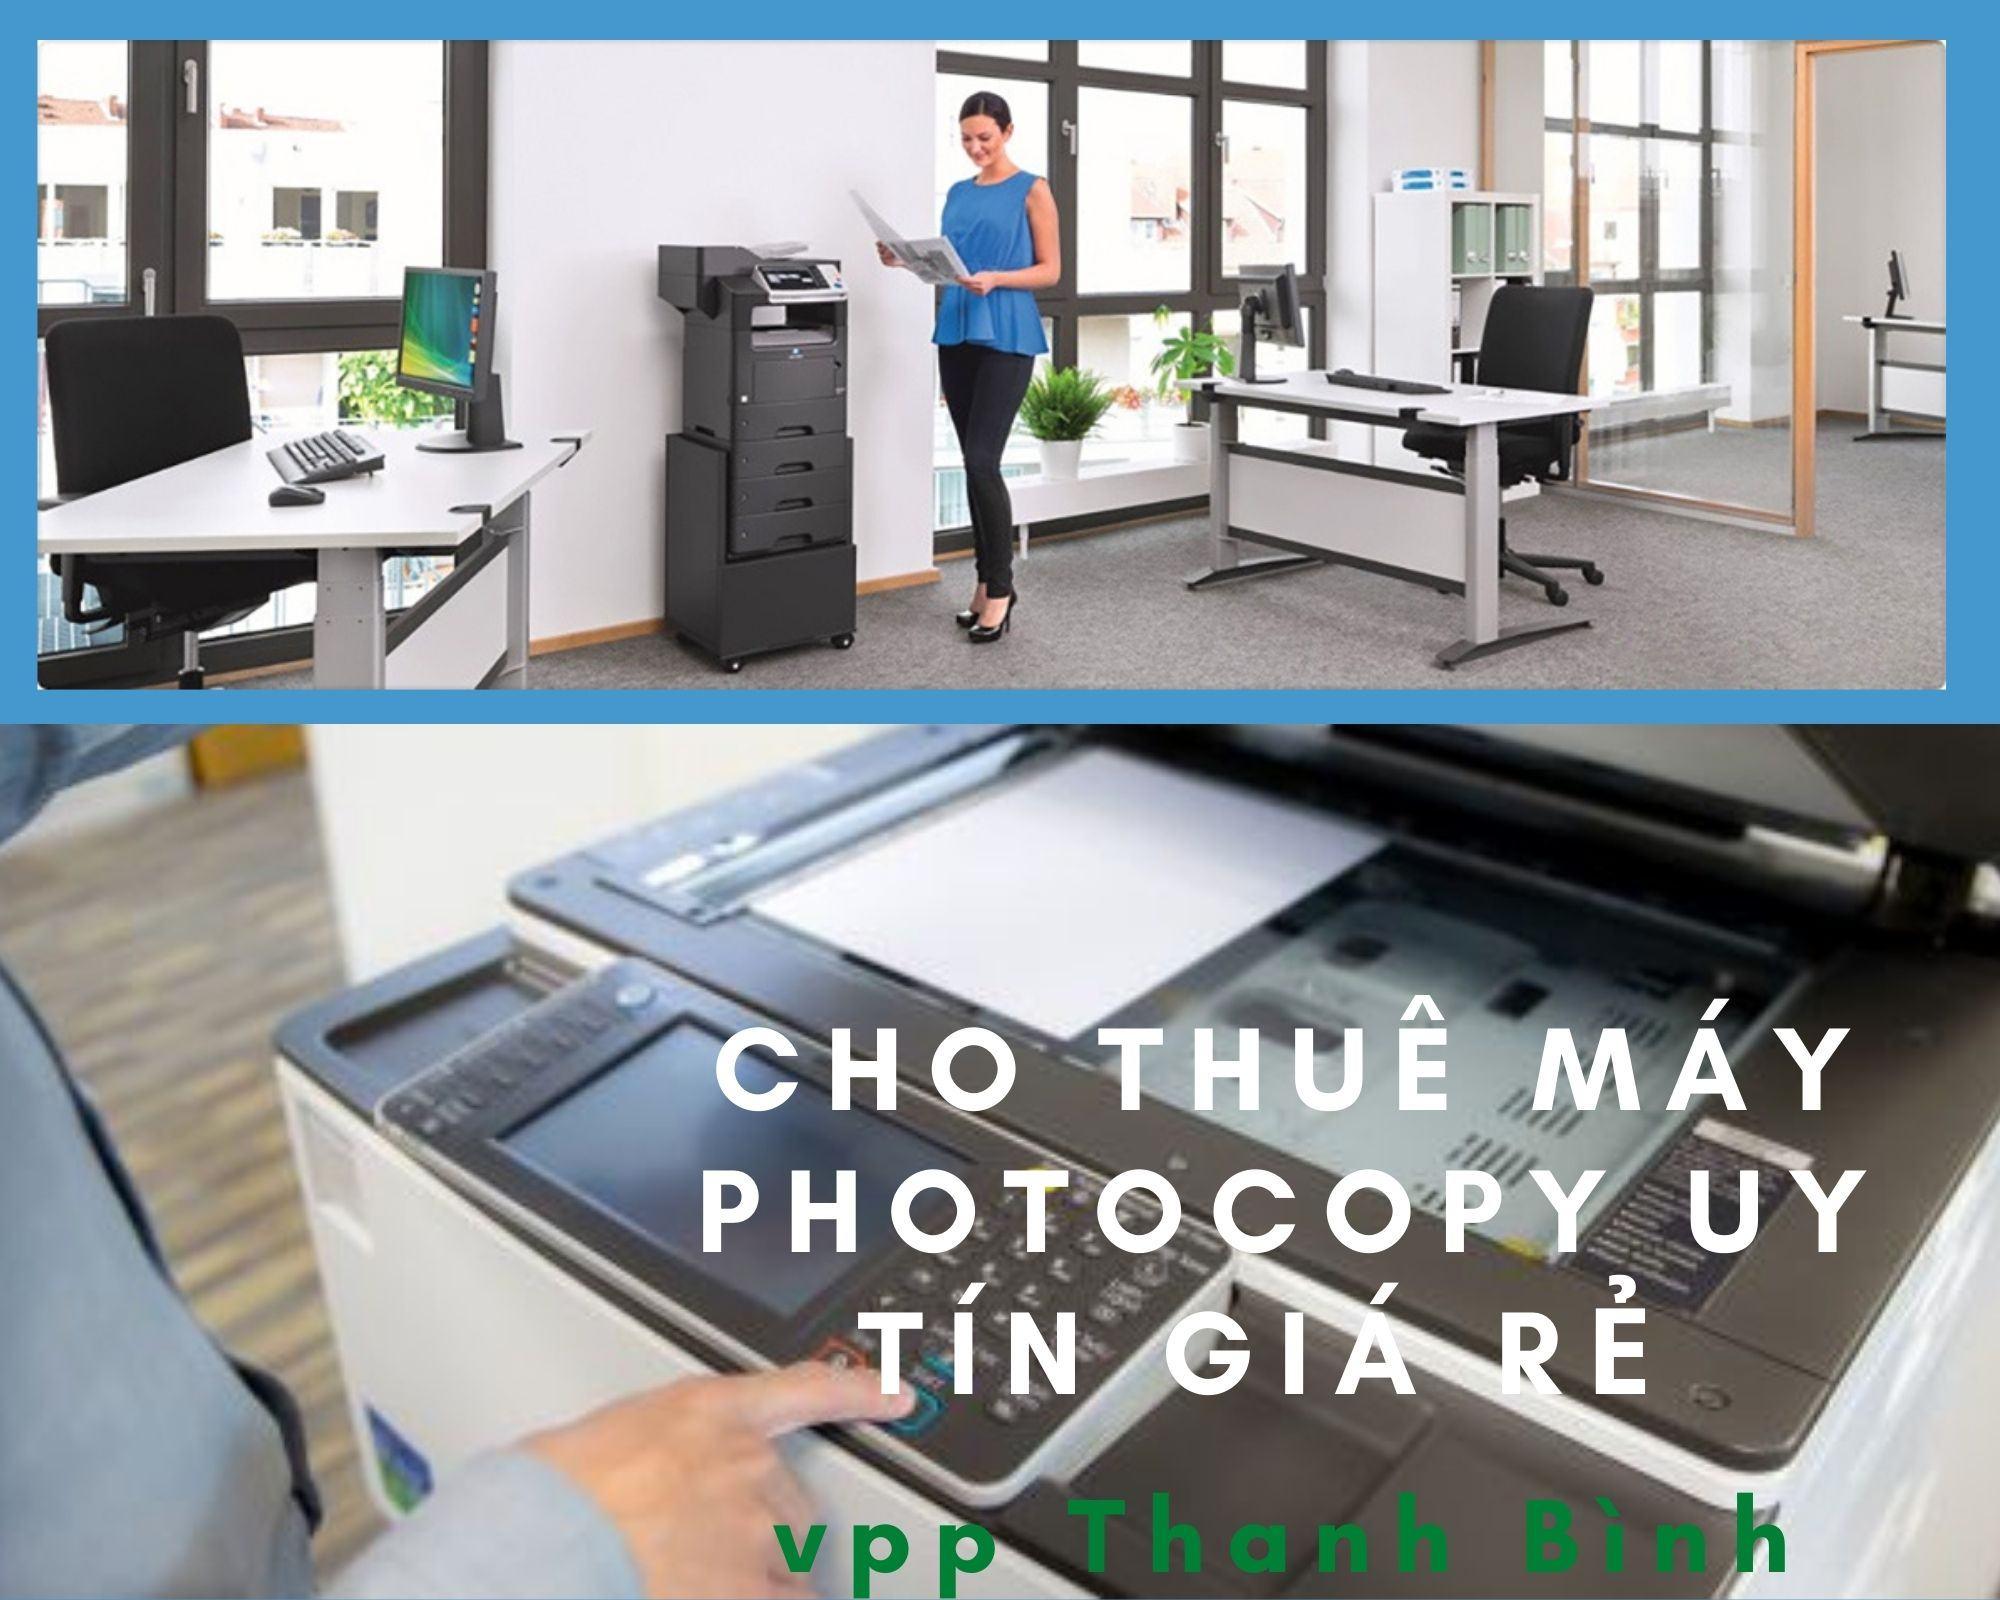 Cho thuê máy photocopy là gì ?